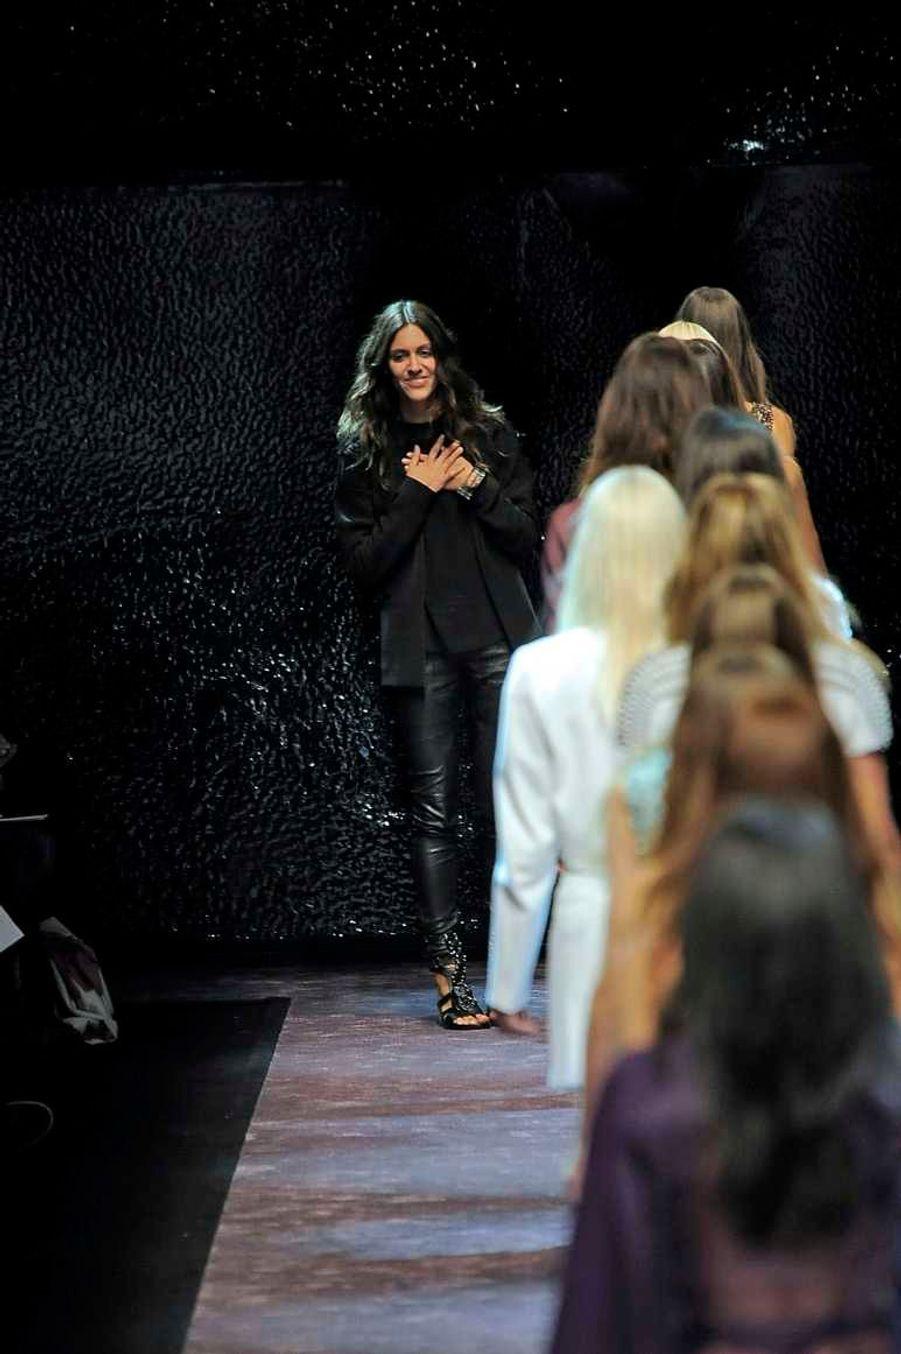 La styliste cosmopolite (elle est Allemande, mais a des origines colombiennes et a vécu entre l'Europe et l'Amérique du Sud, avant de s'installer à Paris), a remplacé Manish Arora à la direction artistique du prêt-à-porter de la maison française. Celle qui avait fait ses armes chez Yves Saint Laurent et Givenchy, avait déjà été promue à la direction du Studio Paco Rabanne en novembre 2011.